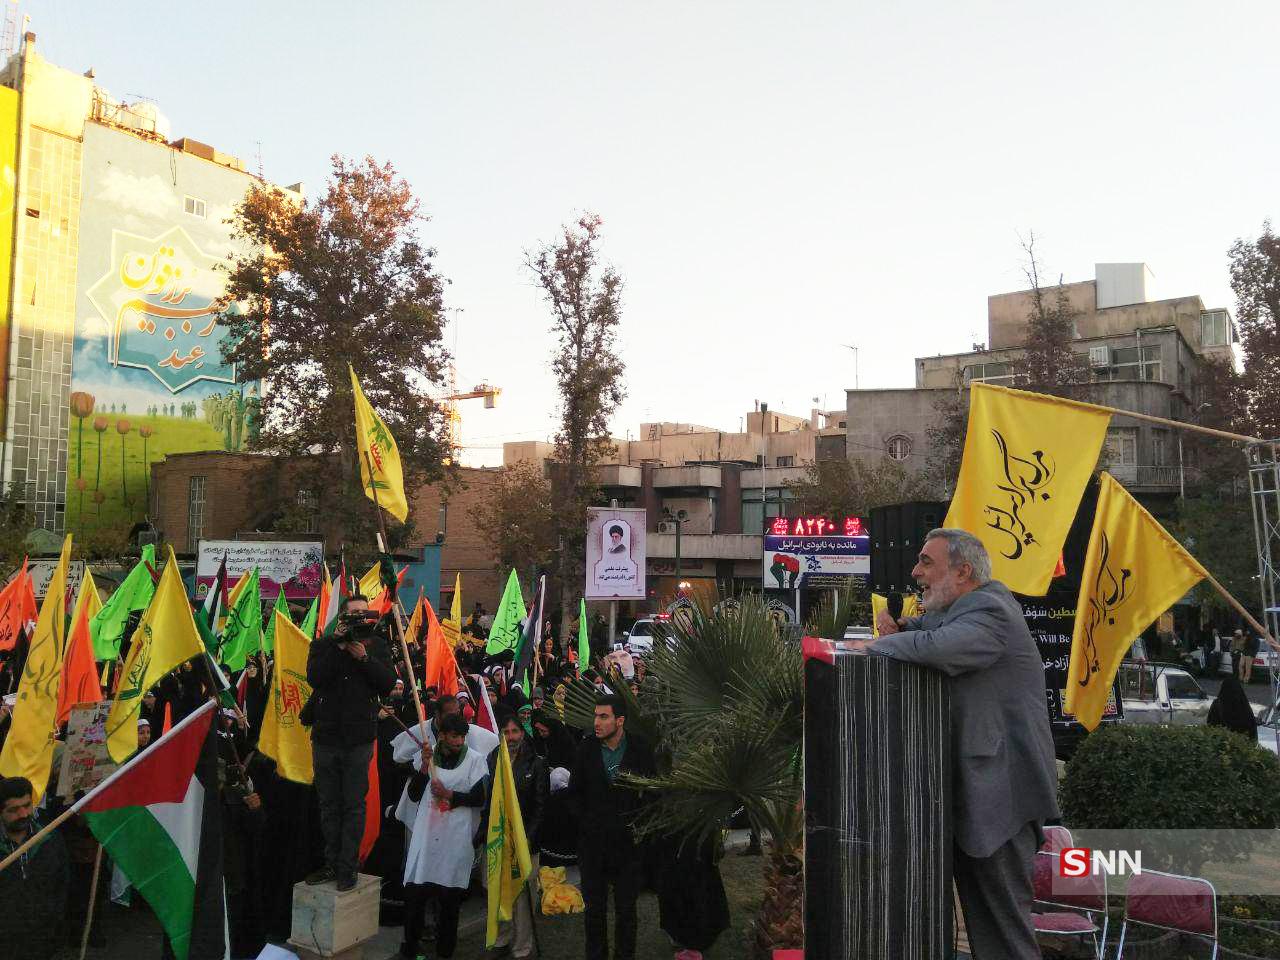 ما همچون شهدای مدافع حرم در مقابل اسراییل و کنار فلسطین خواهیم ایستاد